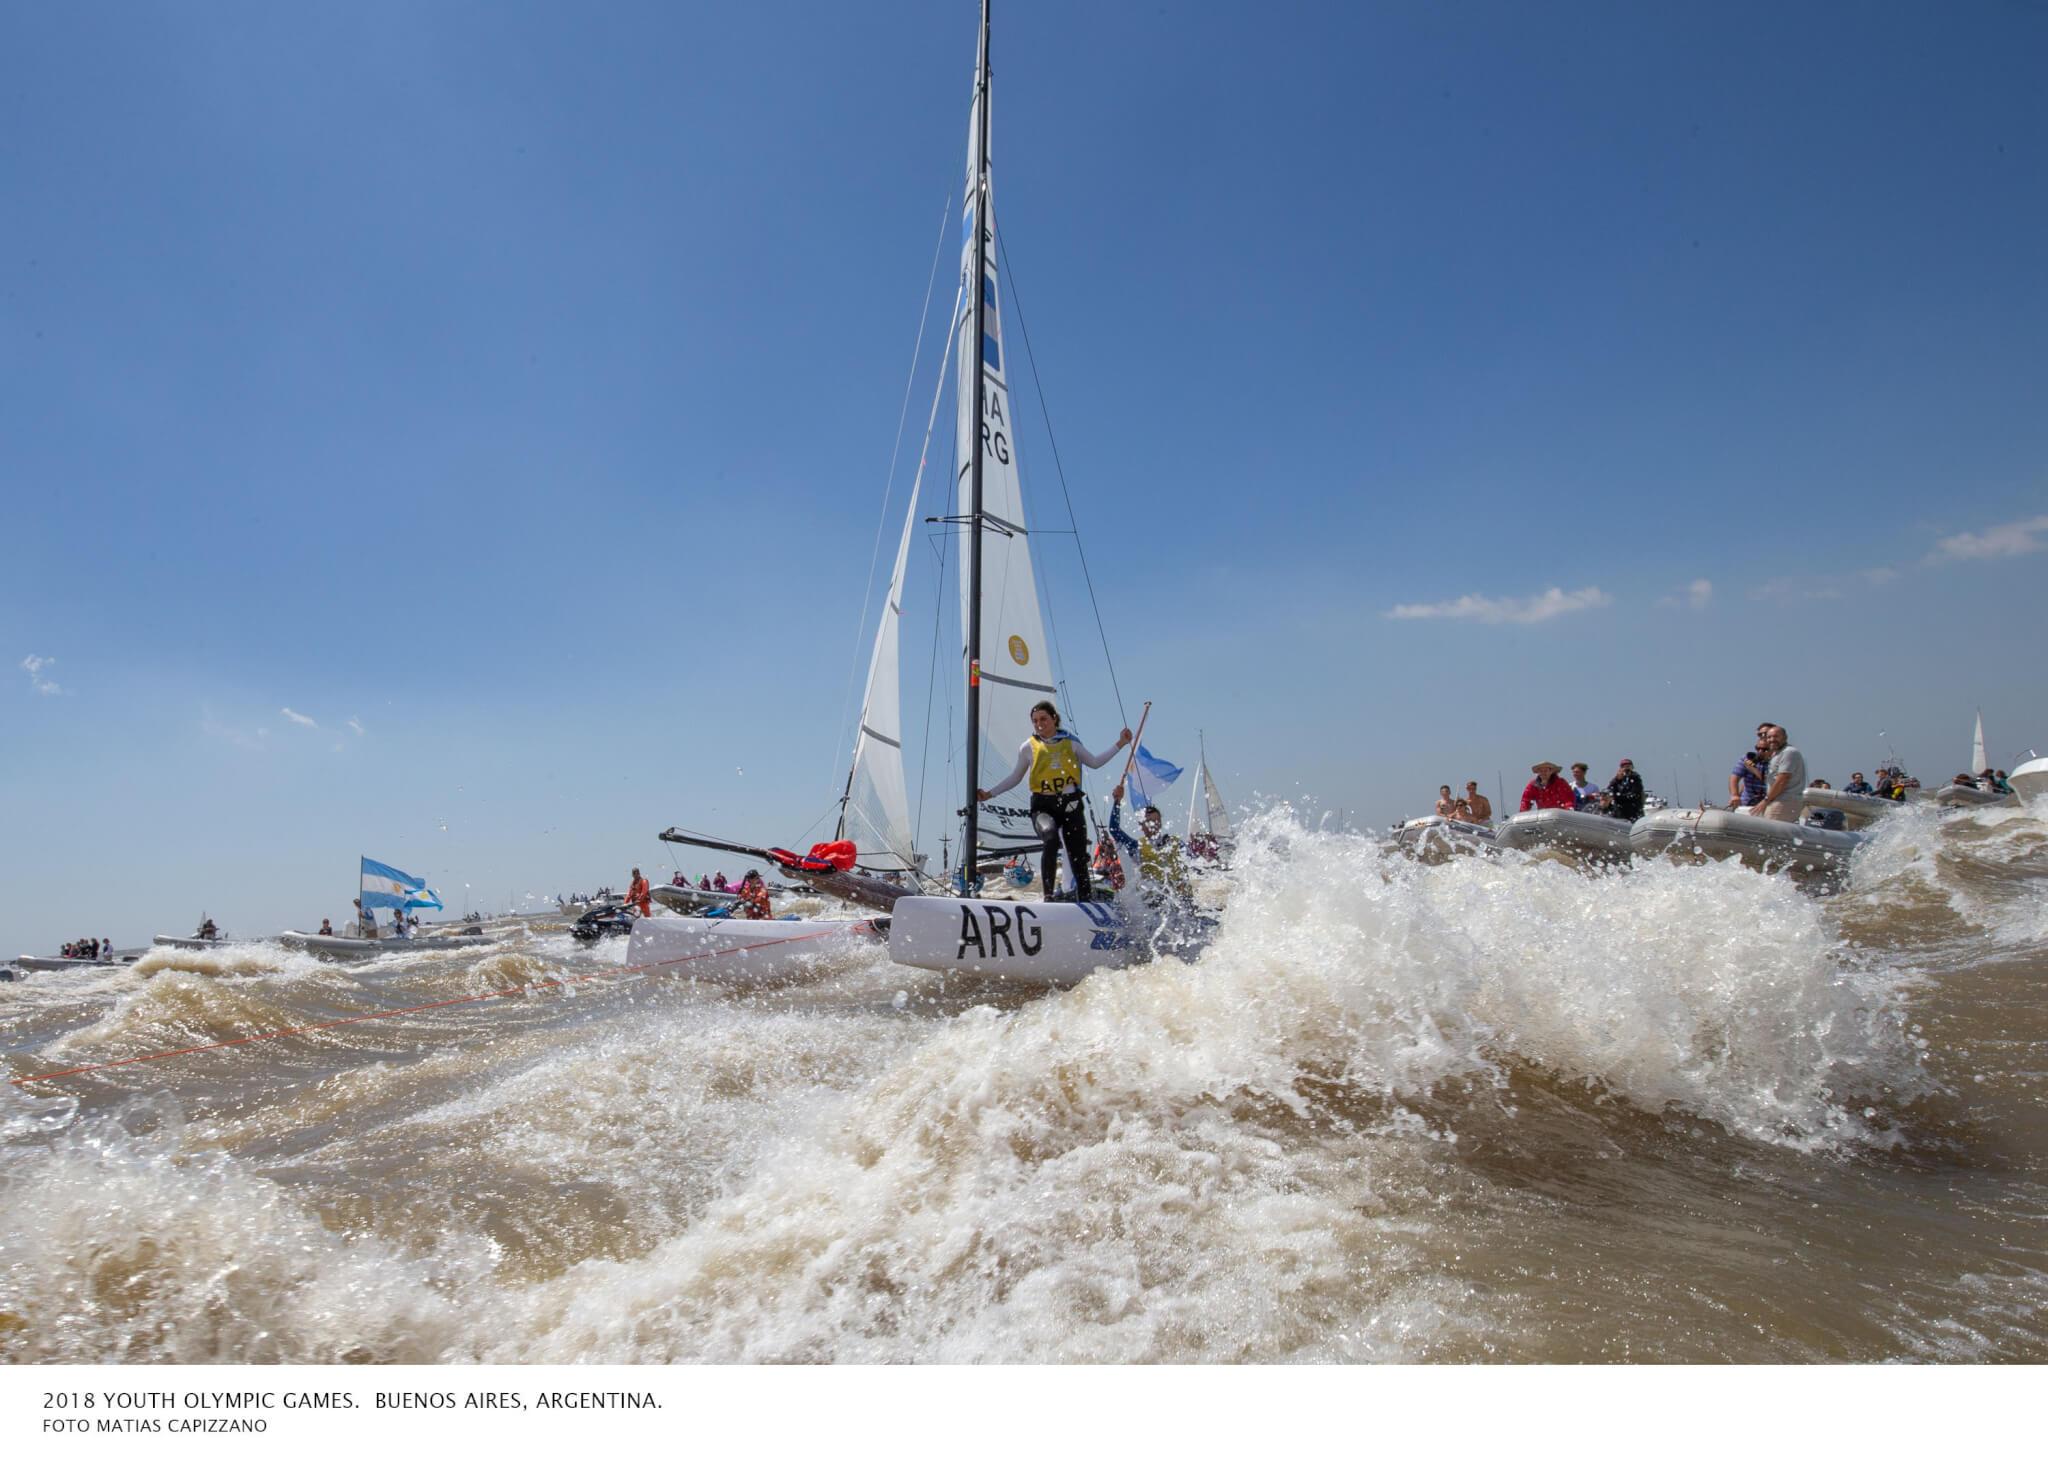 El barco de Nacra 15 Campeón Olímpico